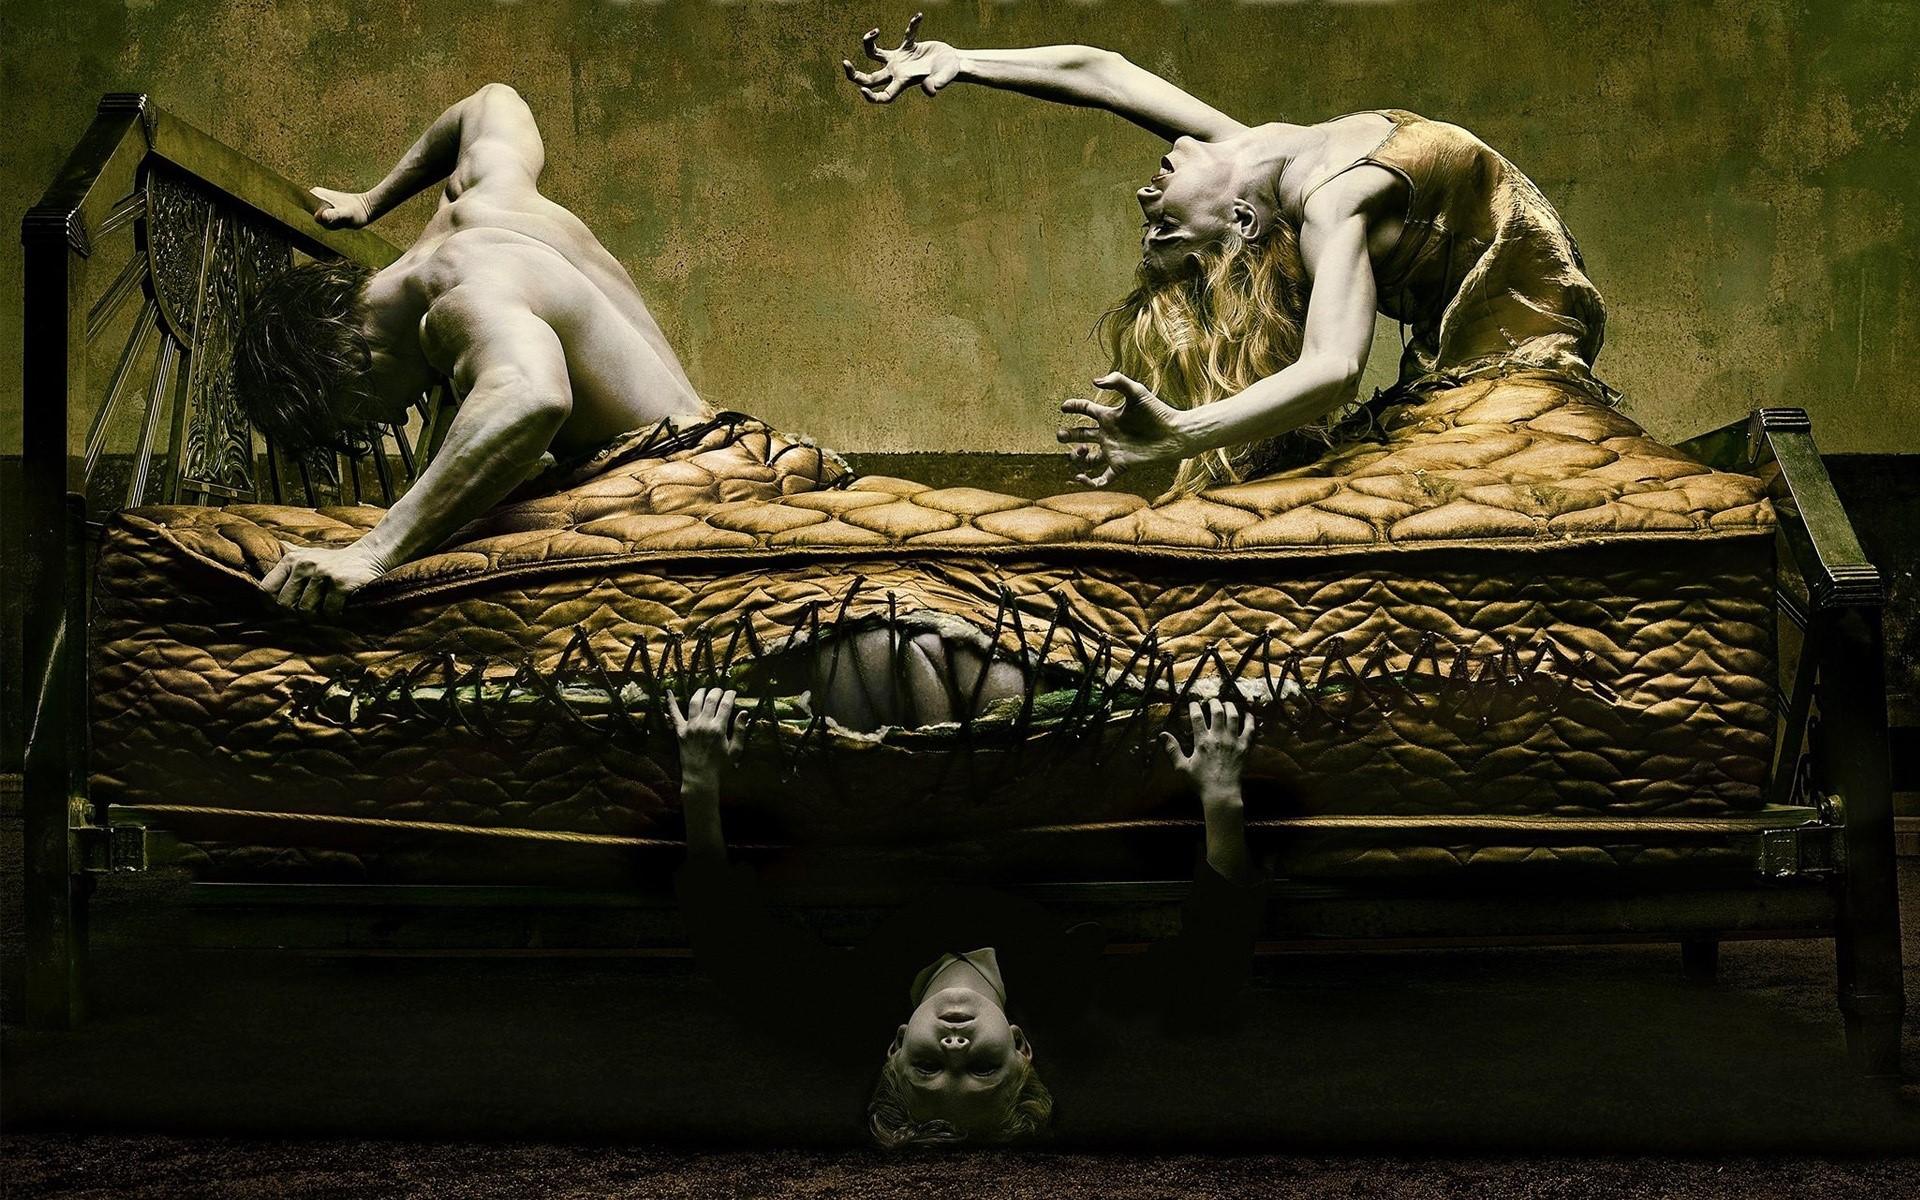 Fondo de pantalla de Temporada 5 de American Horror Story Imágenes